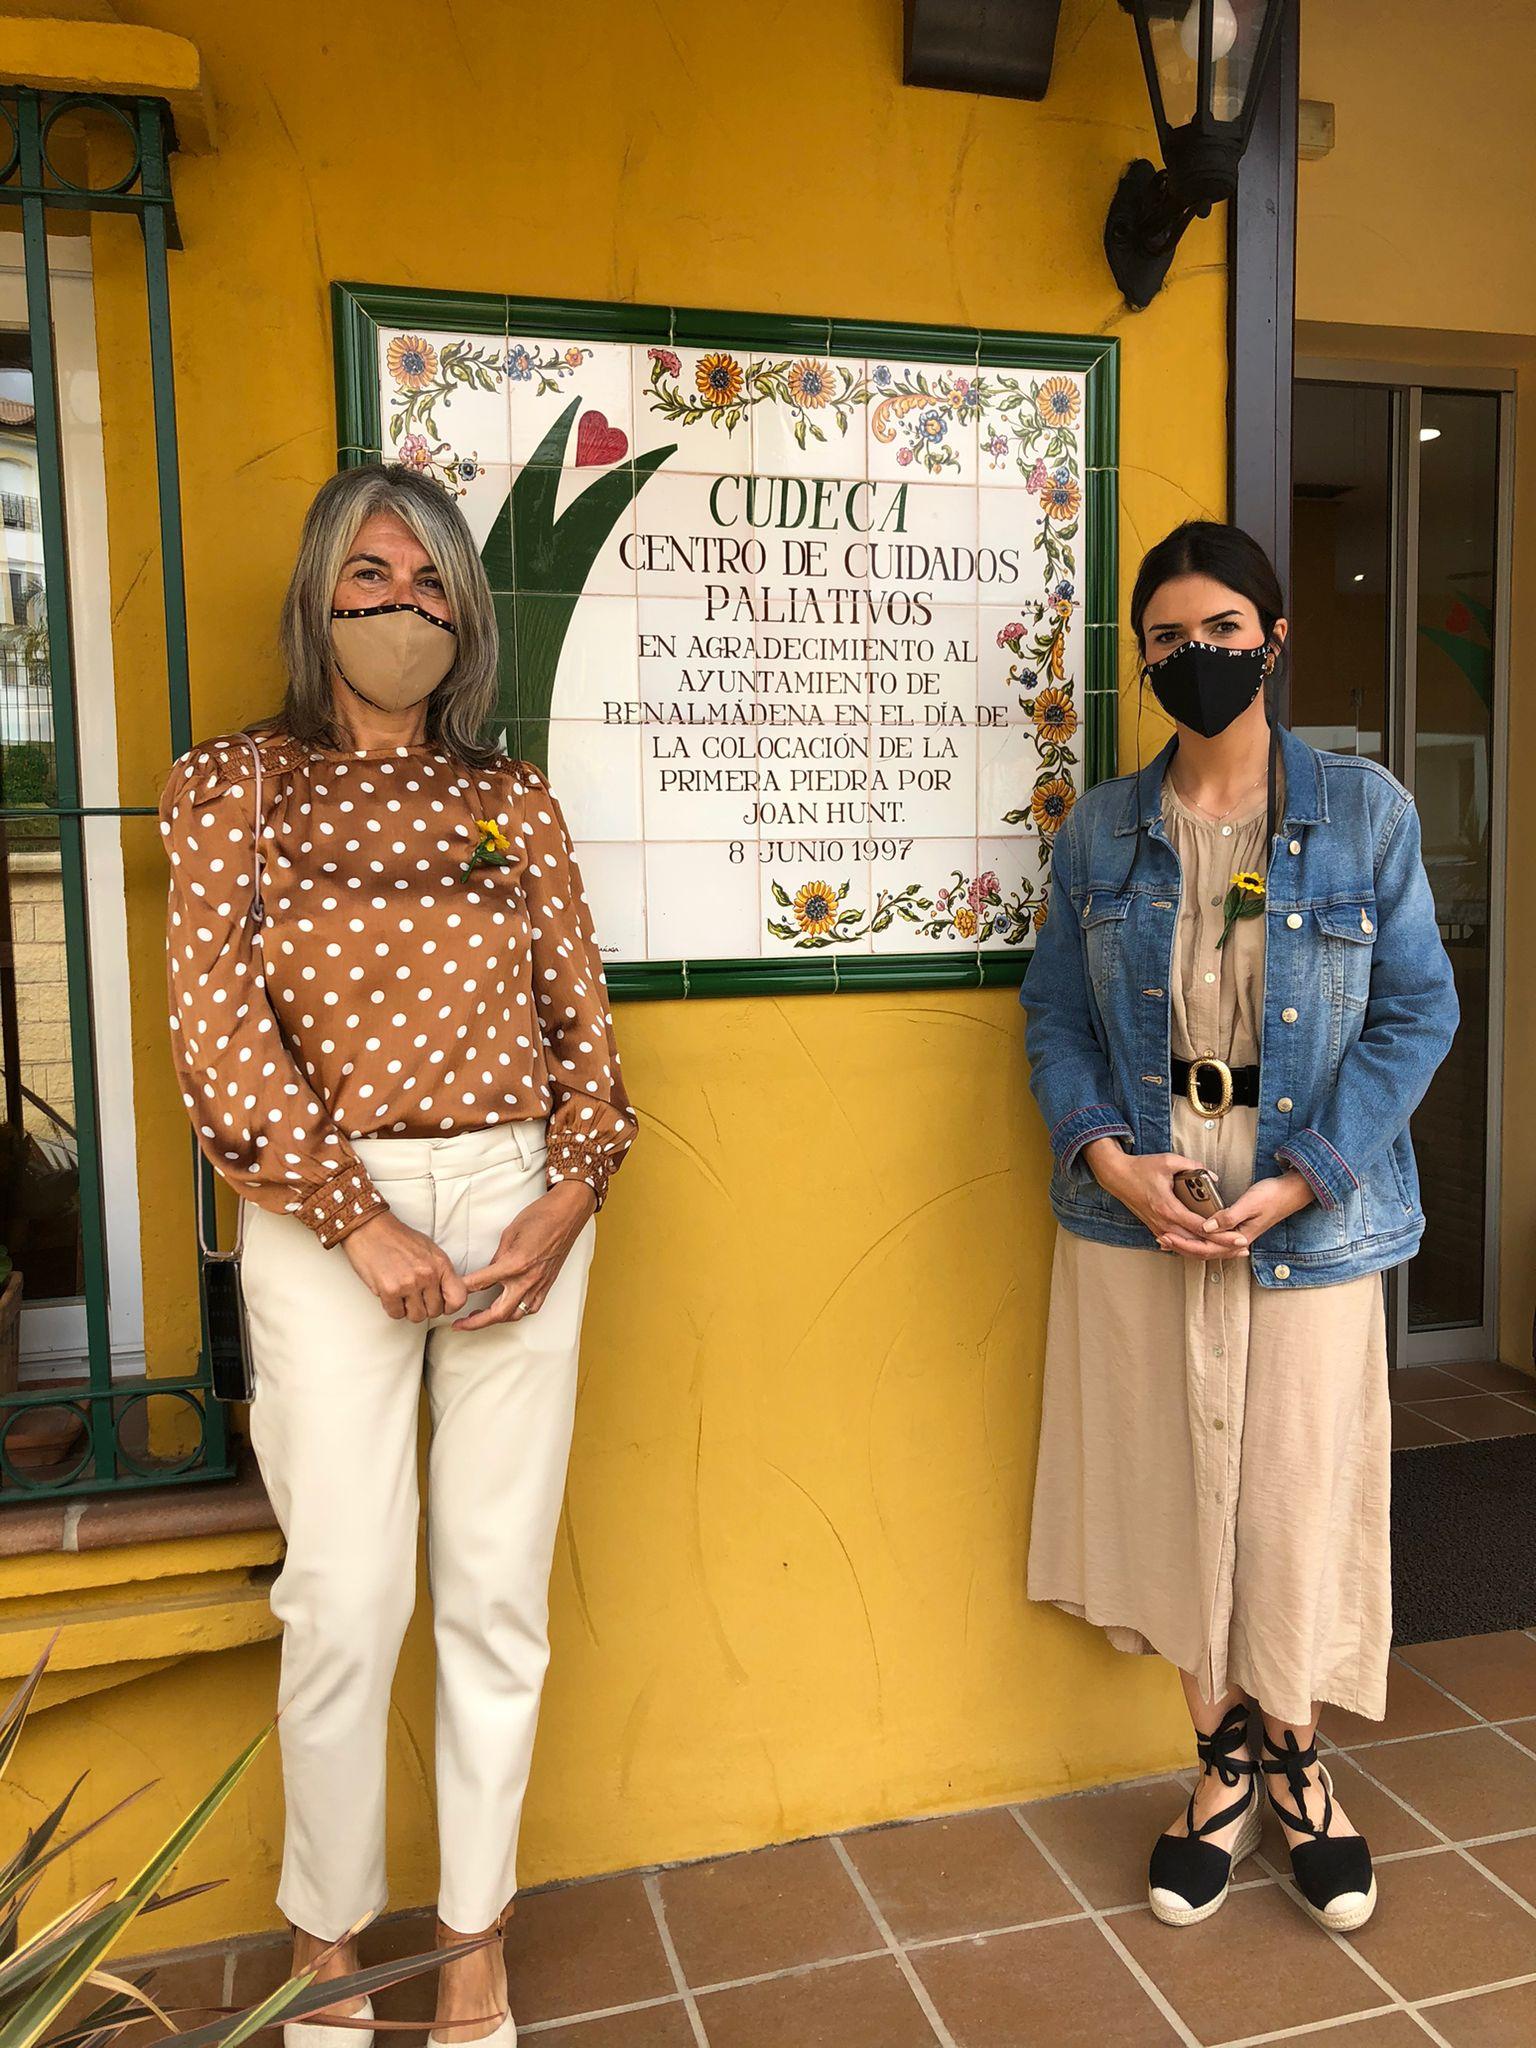 Visita de Lucía Cuín, concejala de Torremolinos, a nuestro centro Cudeca